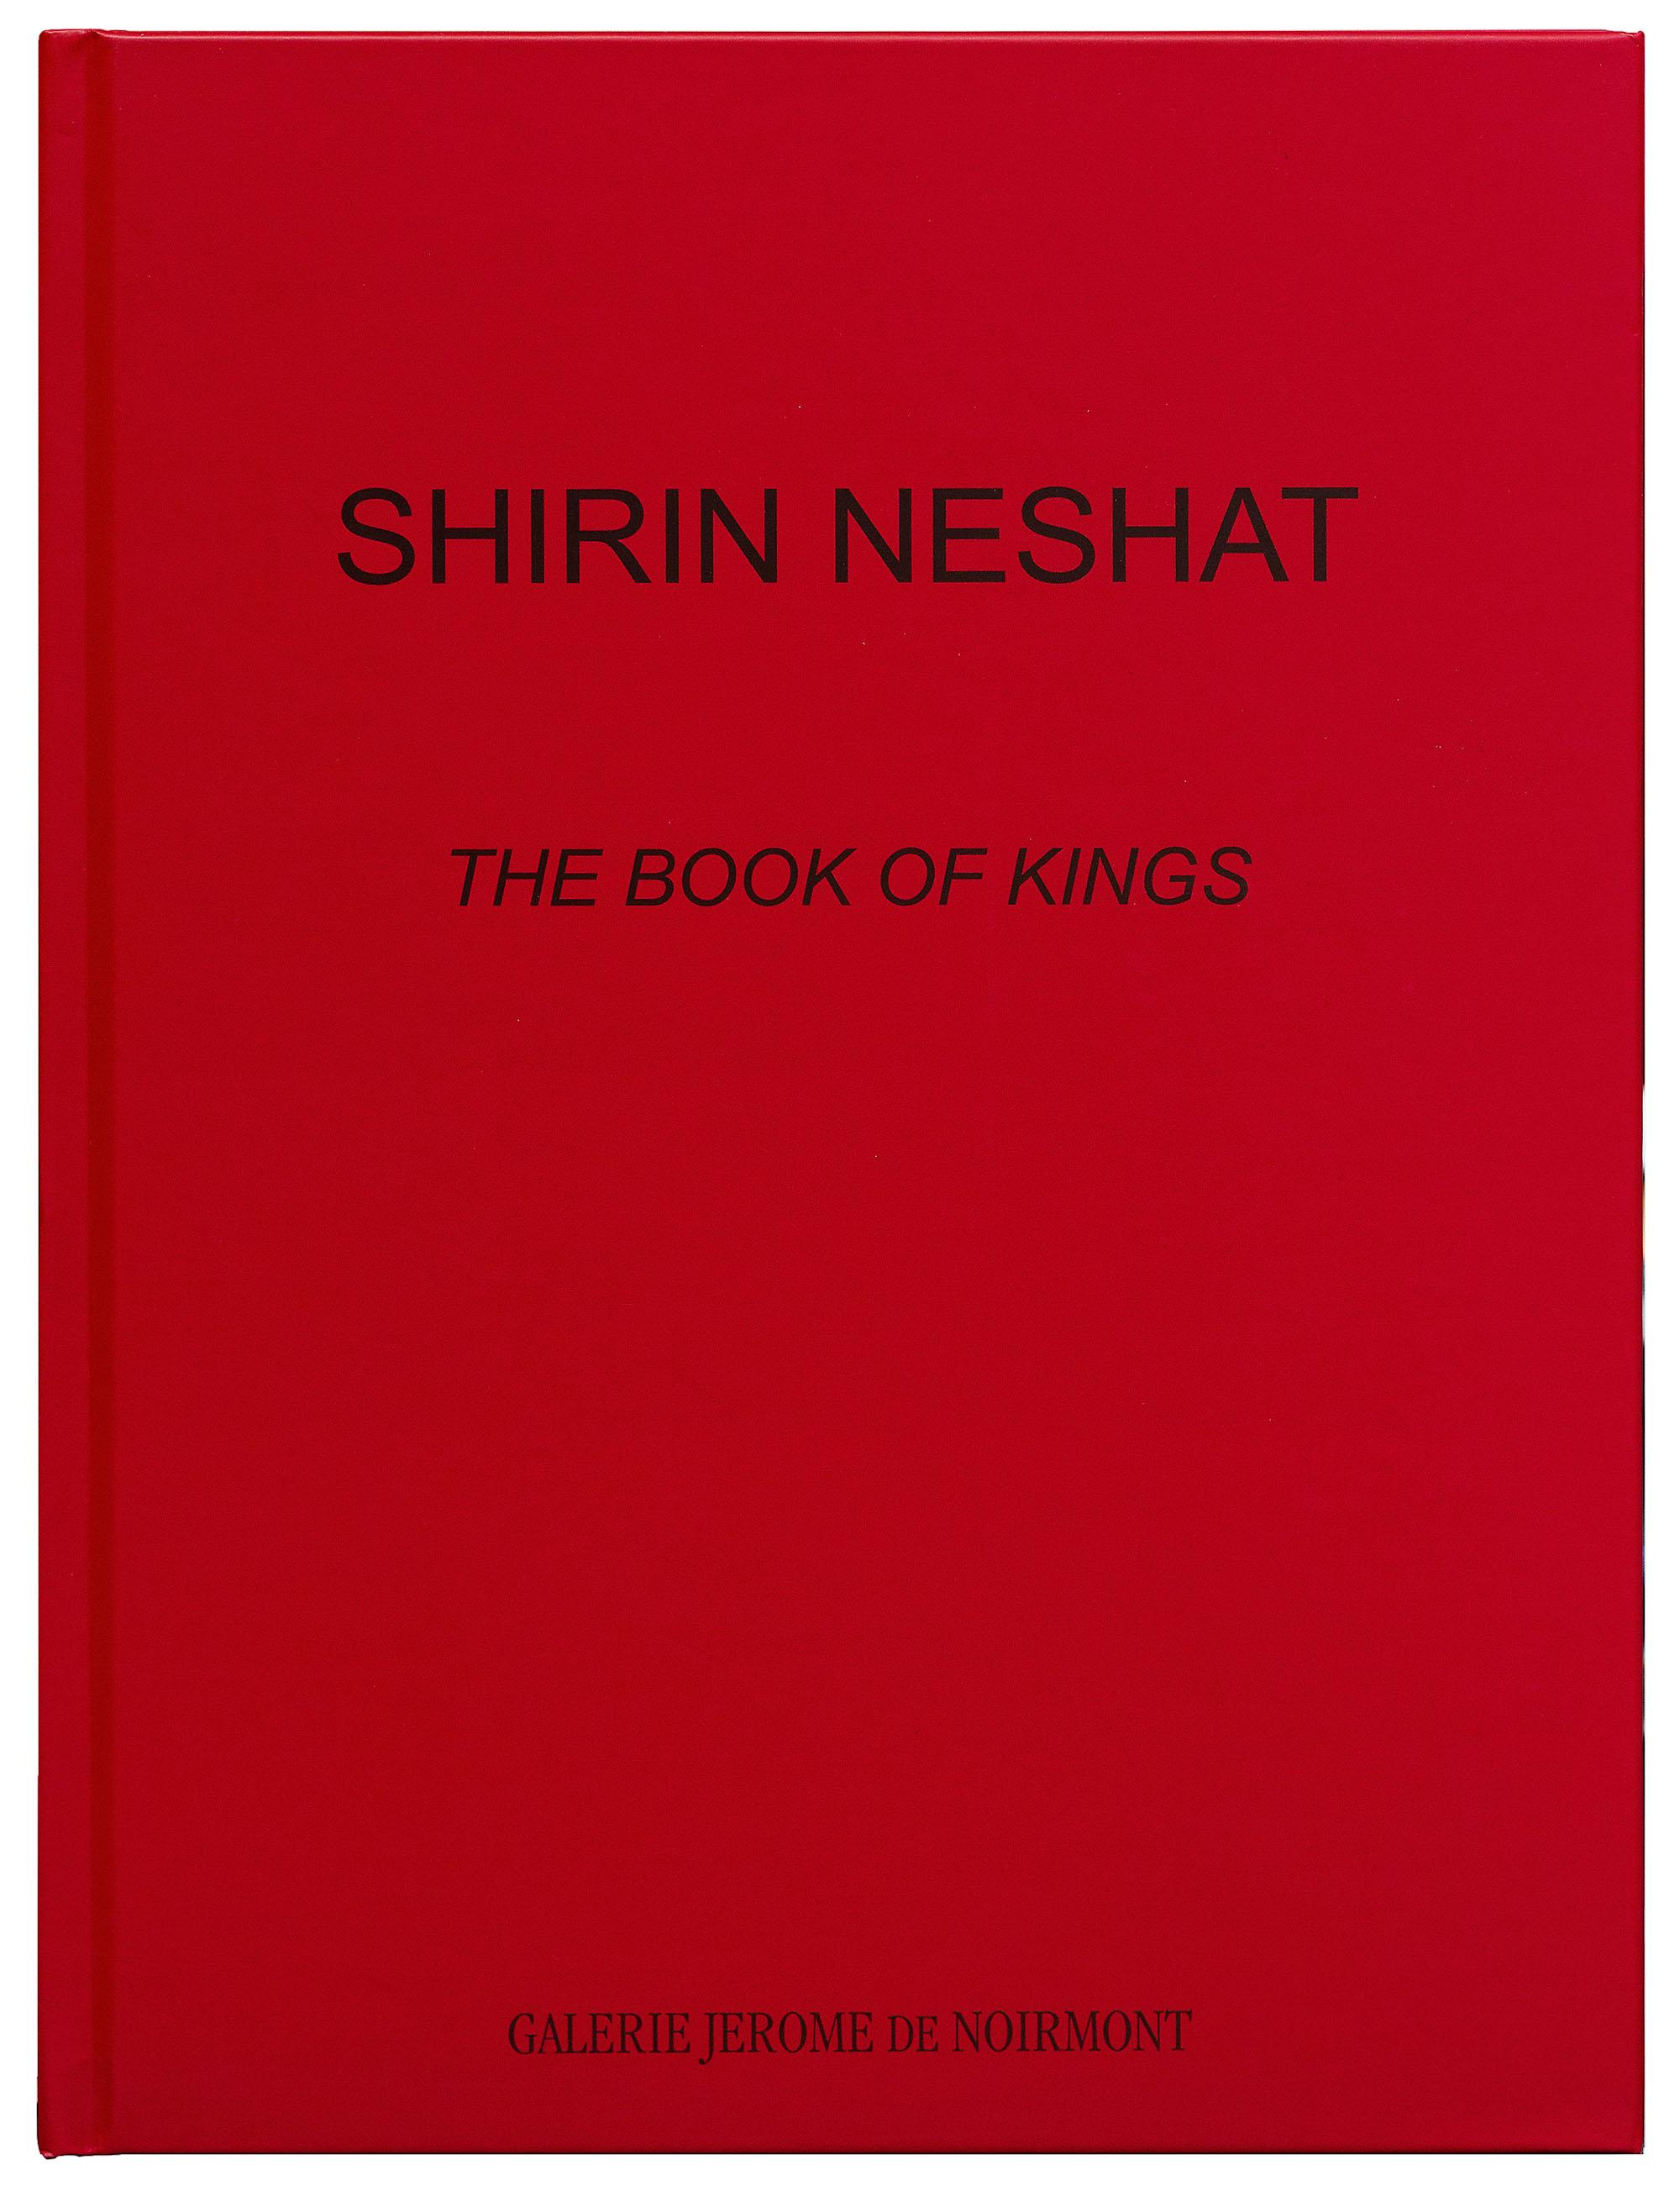 Shirin Neshat / Ed. J. de Noirmont